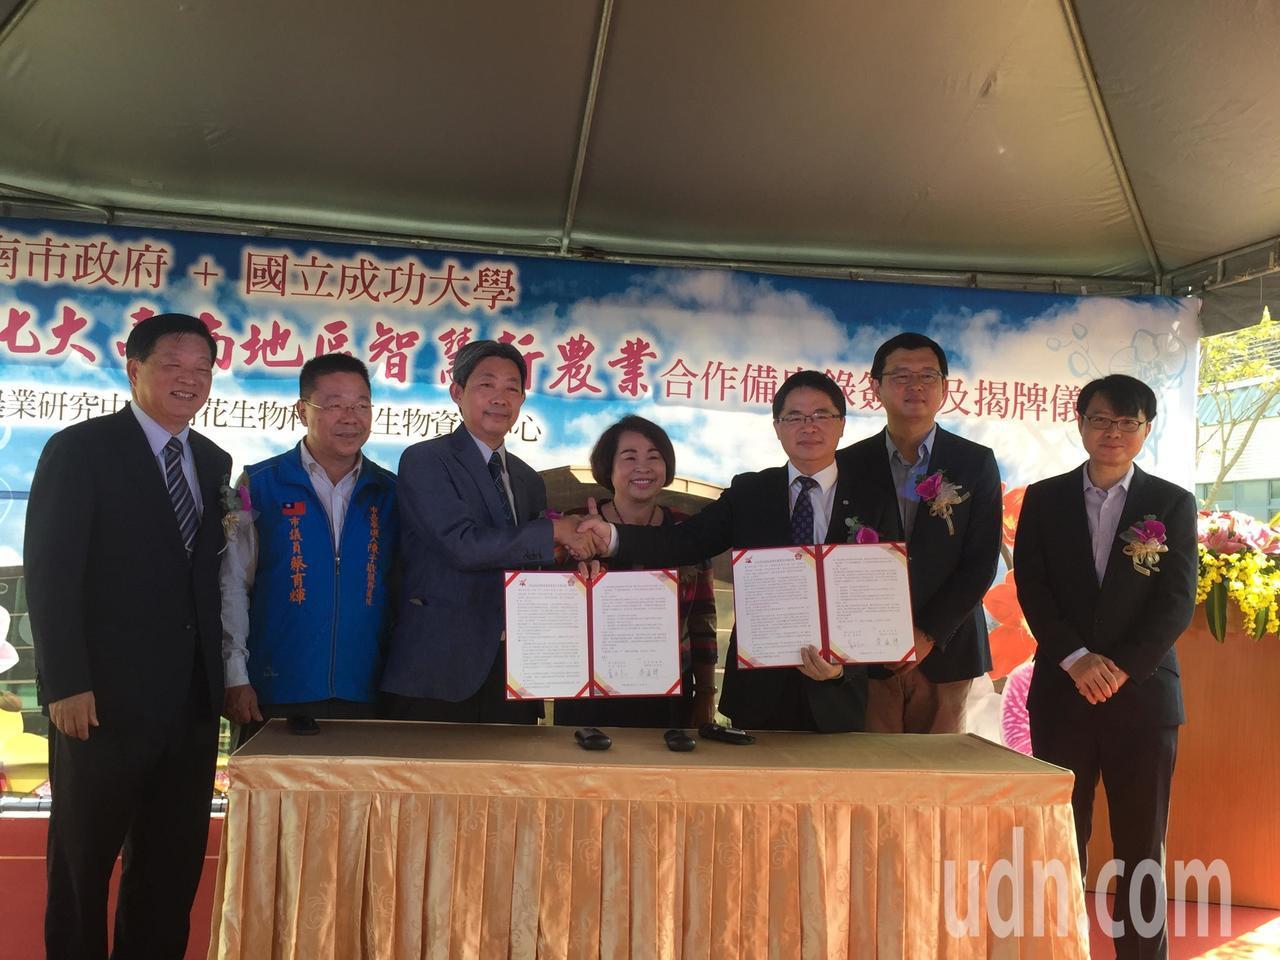 台南市政府與成功大學簽署合作備忘錄。記者吳政修/攝影